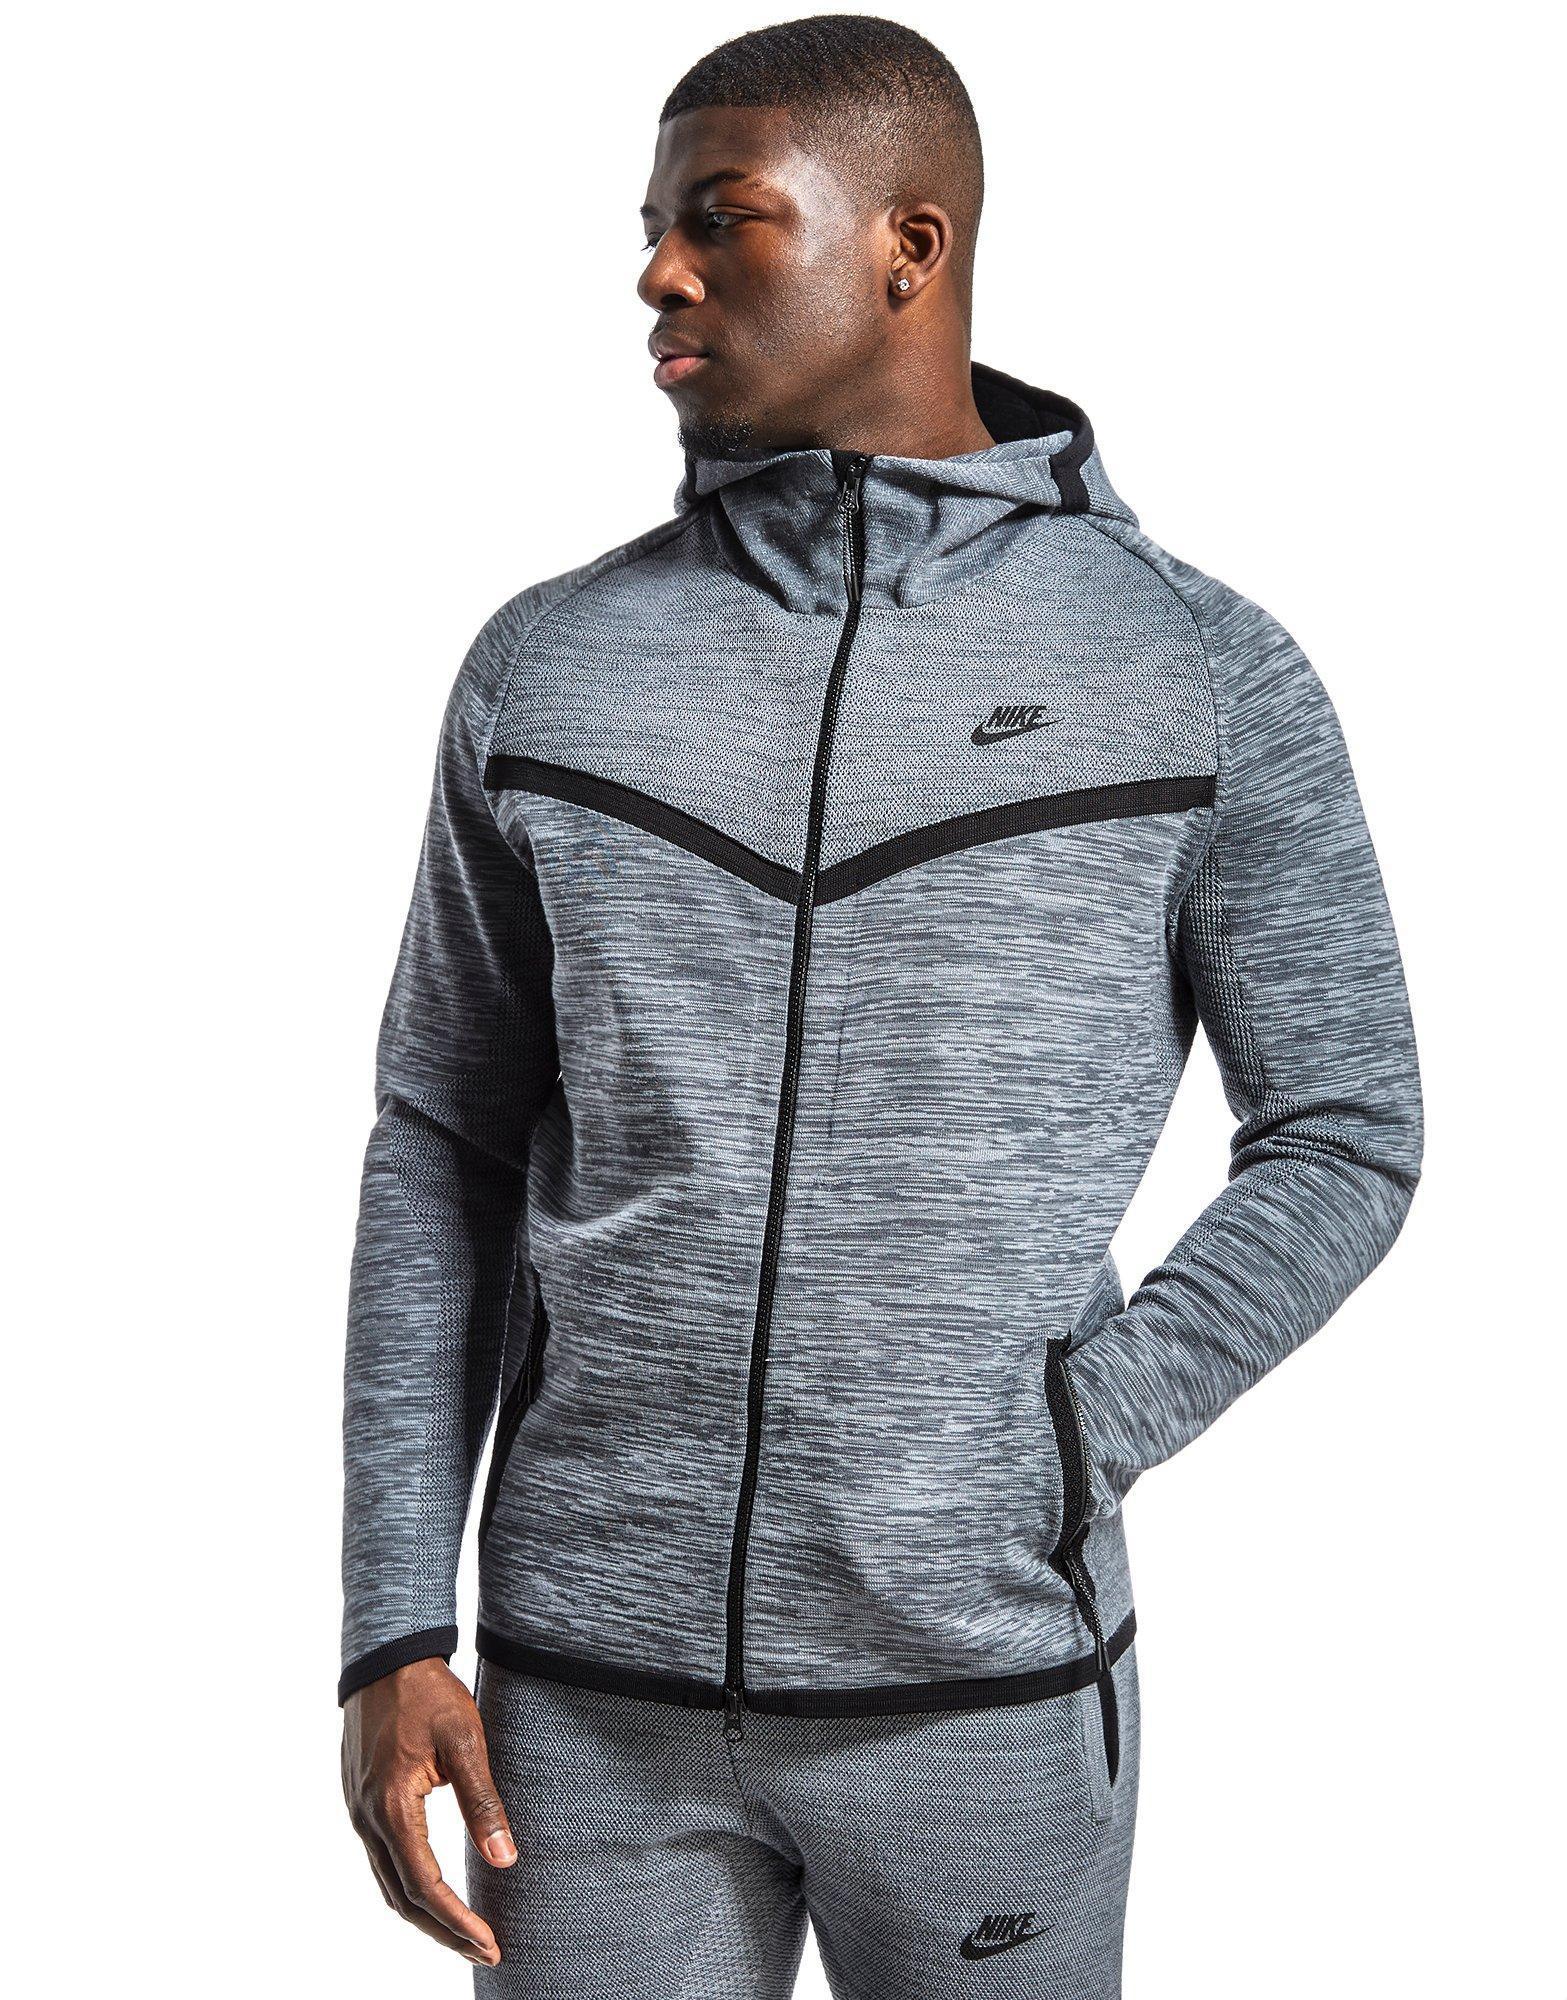 6cc6bd4f0cd2 Nike Tech Knit Windrunner in Gray for Men - Lyst